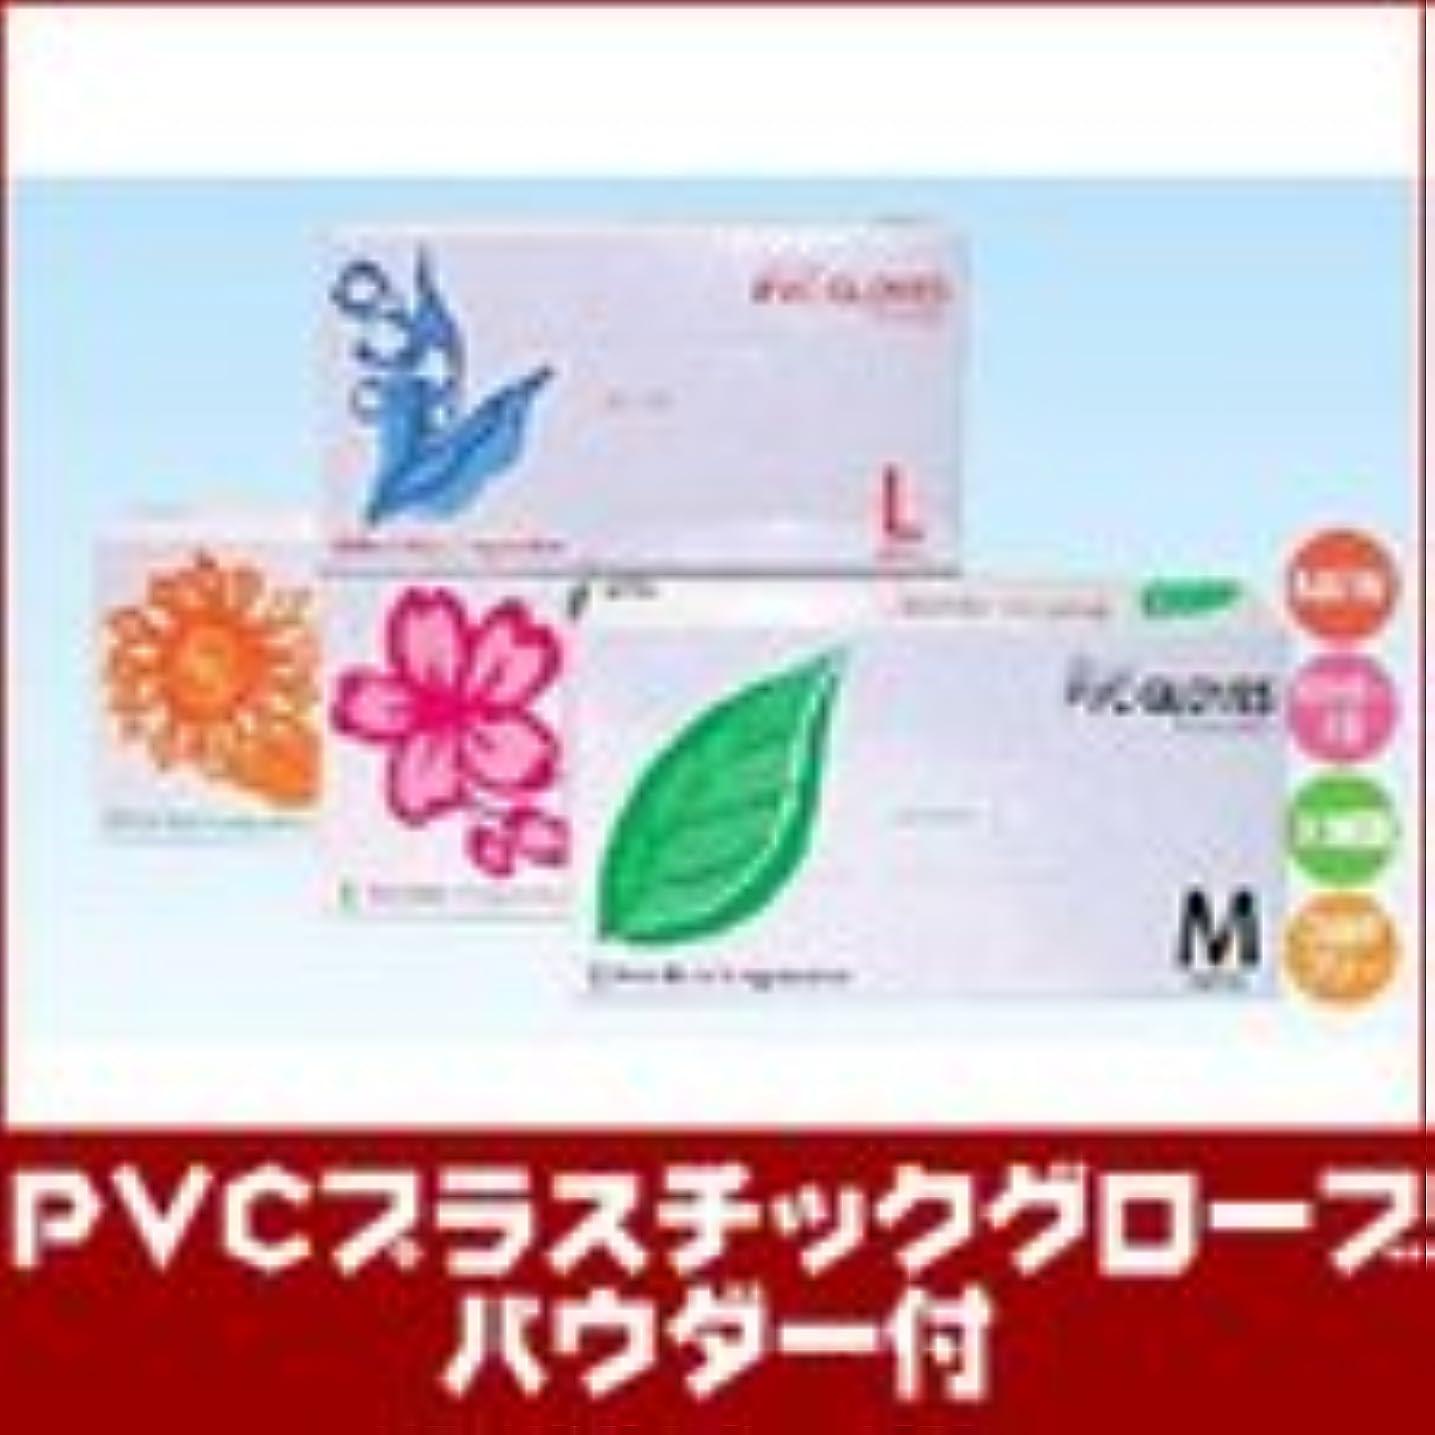 成り立つかりて従順なプレミア PVCプラスチックグローブ パウダー付 100枚入 10セット M